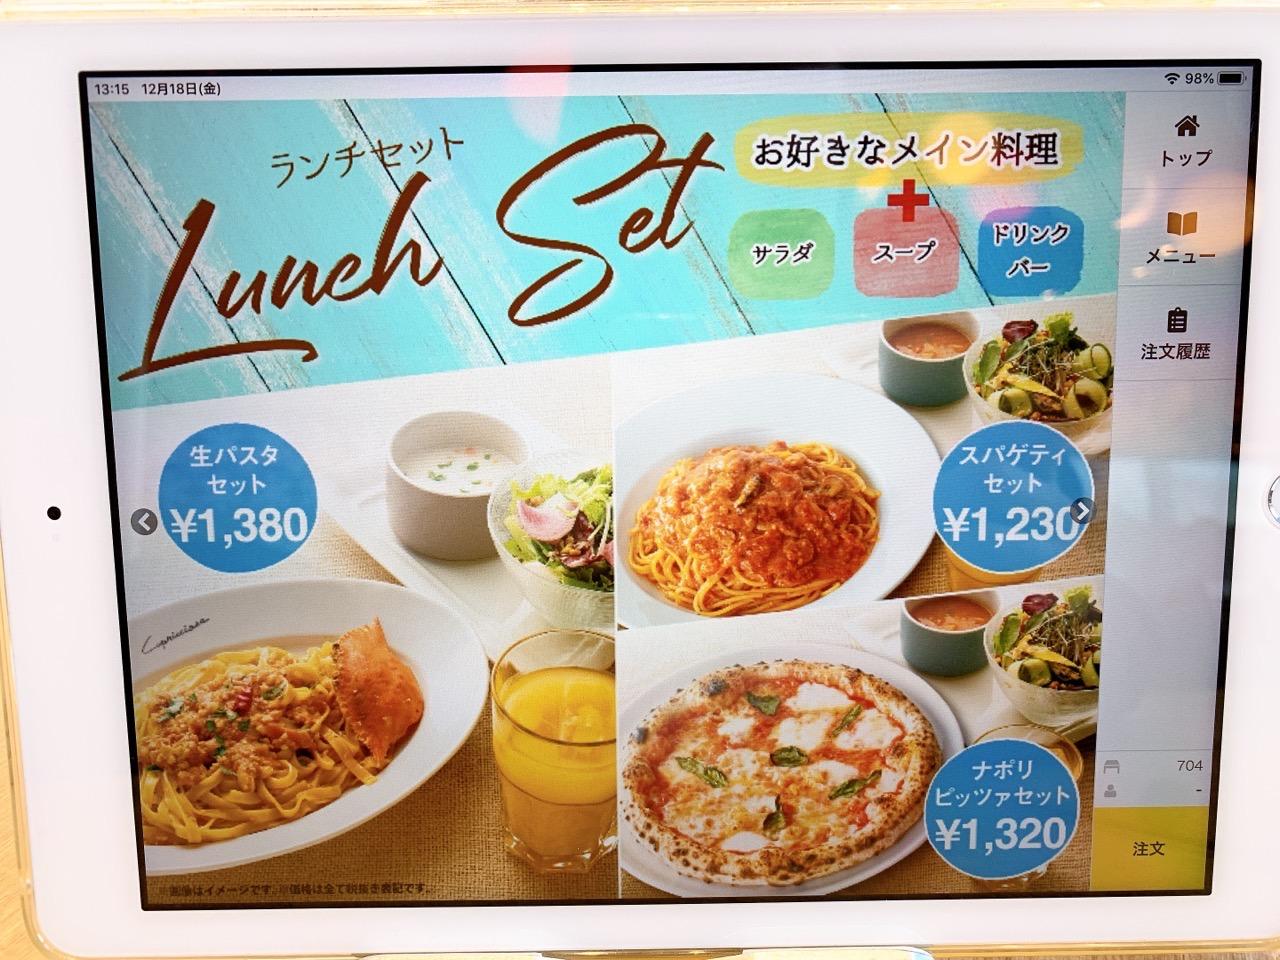 カプリチョーザ テラスモール松戸店のメニュー ランチメニュー